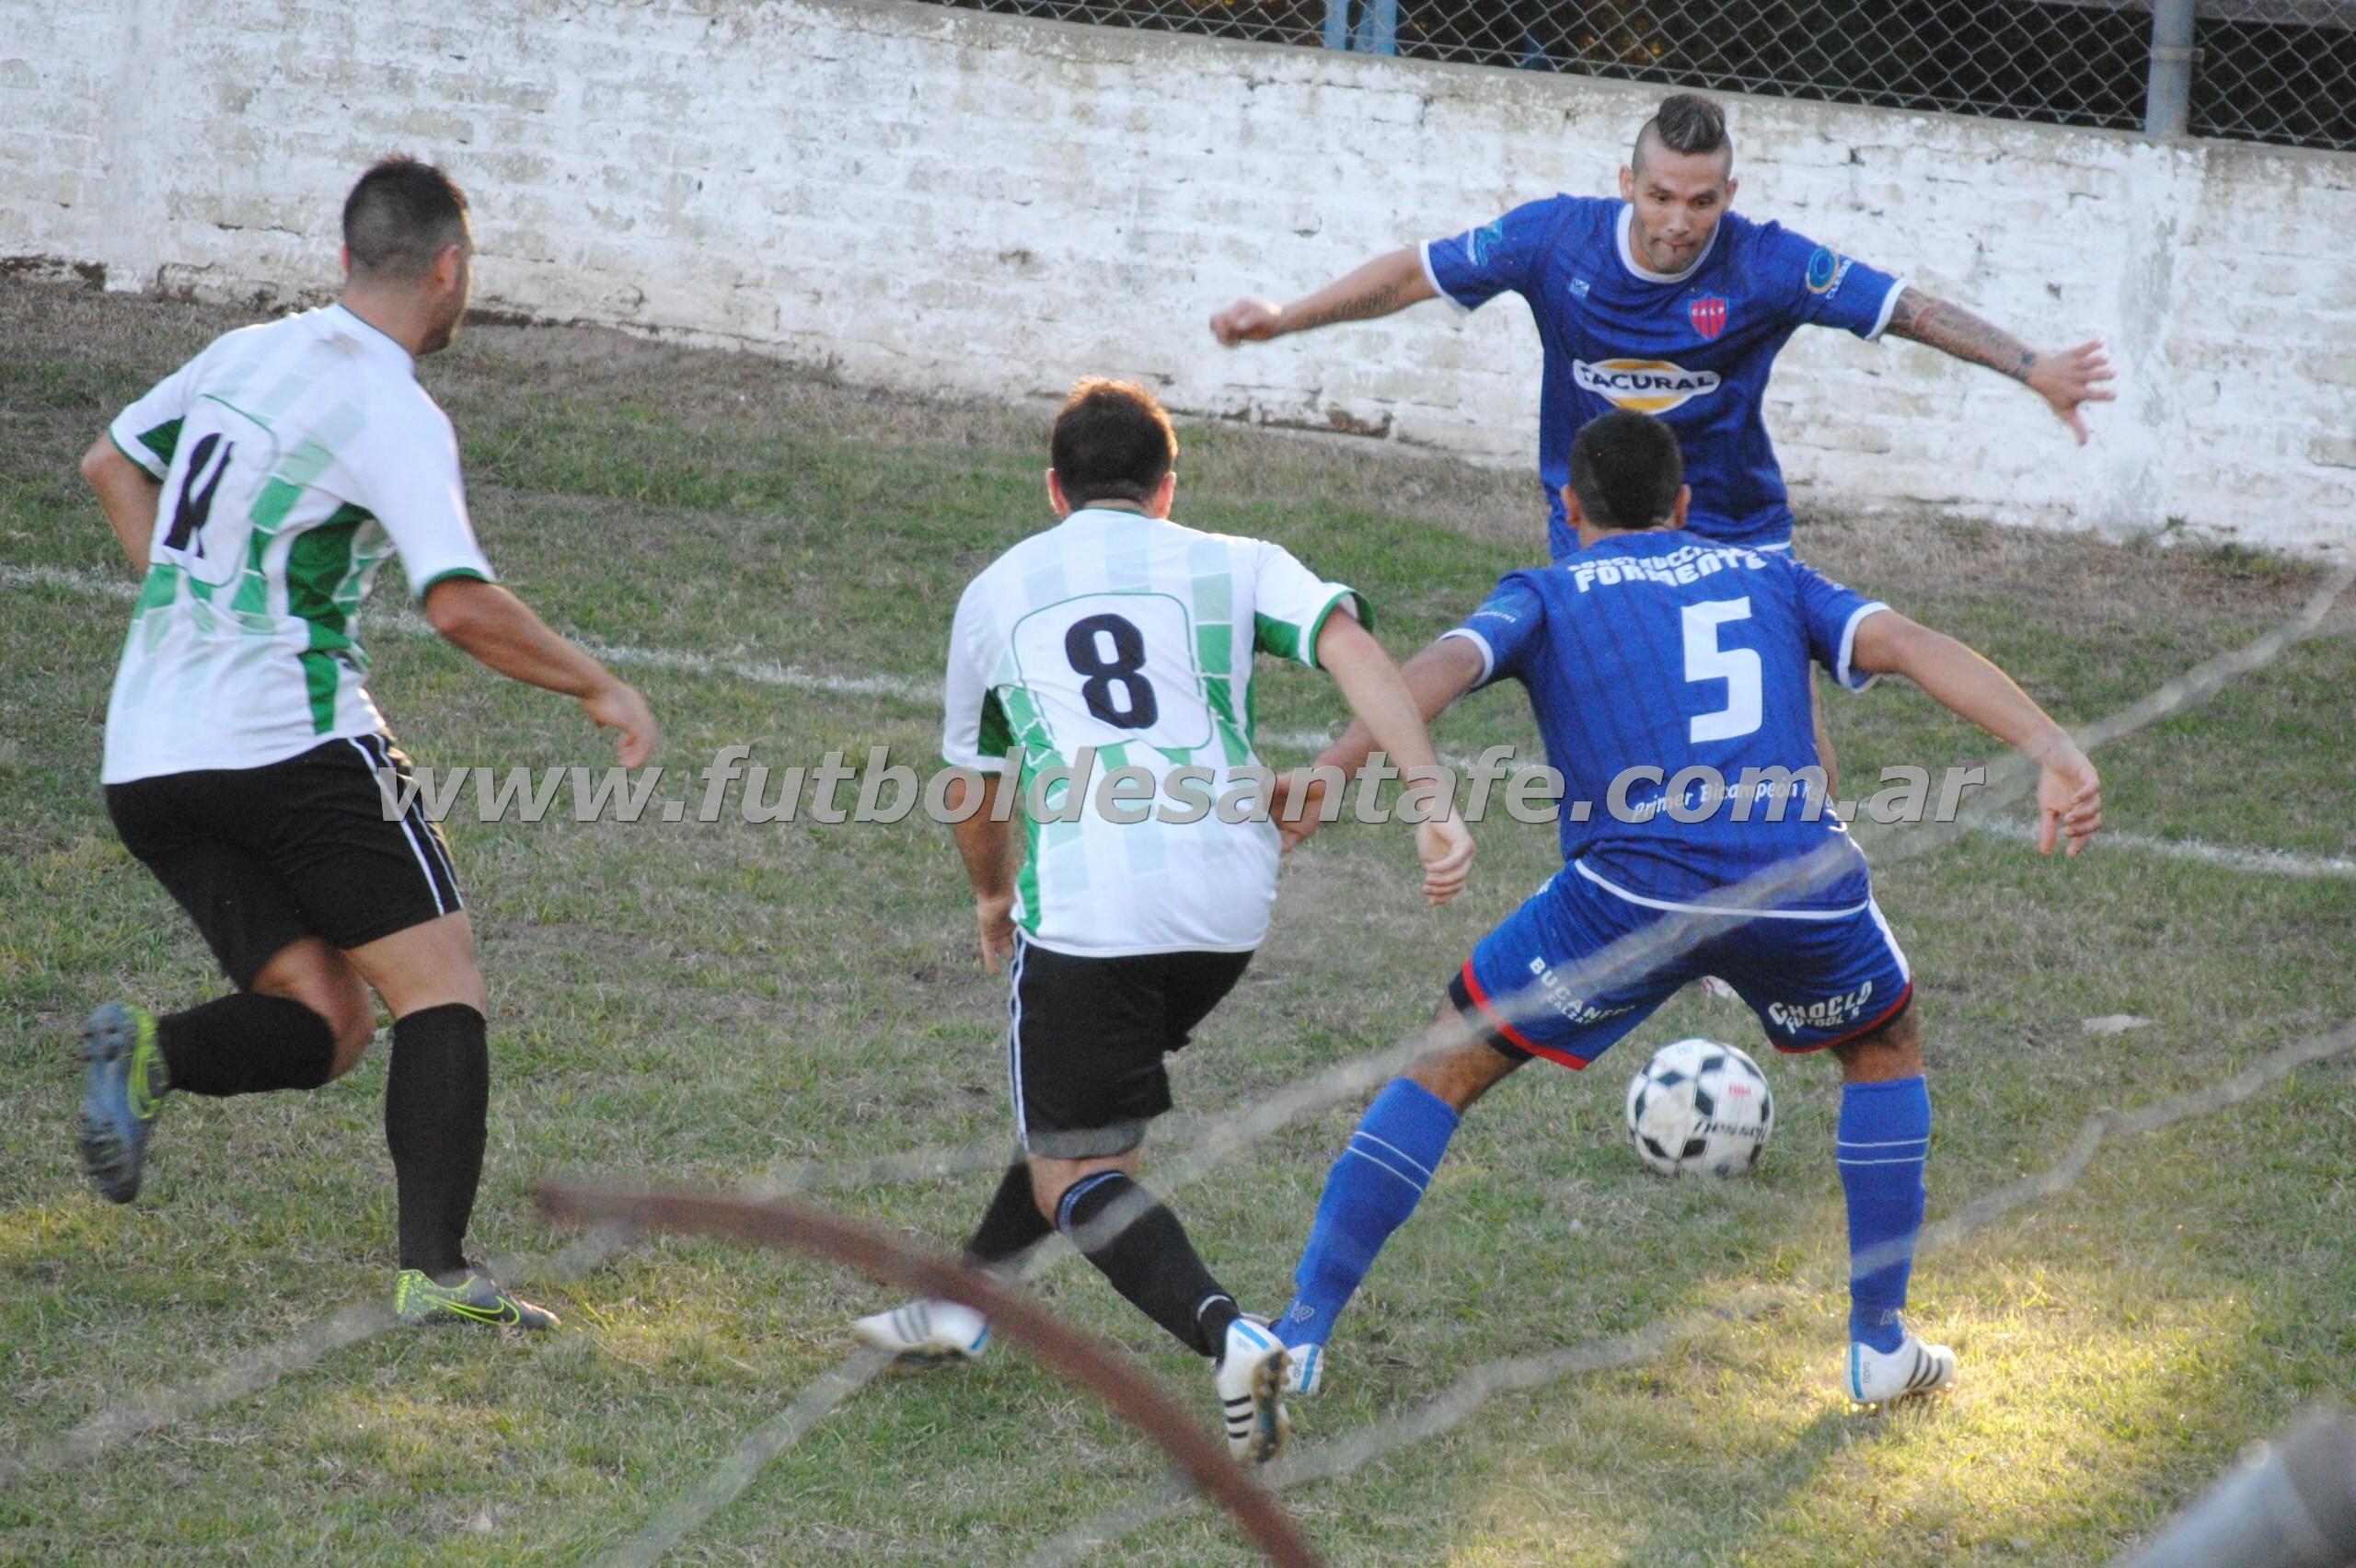 En el Apertura el clásico fue empate en Recreo Sur, ahora el turno de jugarse en Ángel Gallardo. Foto: archivo